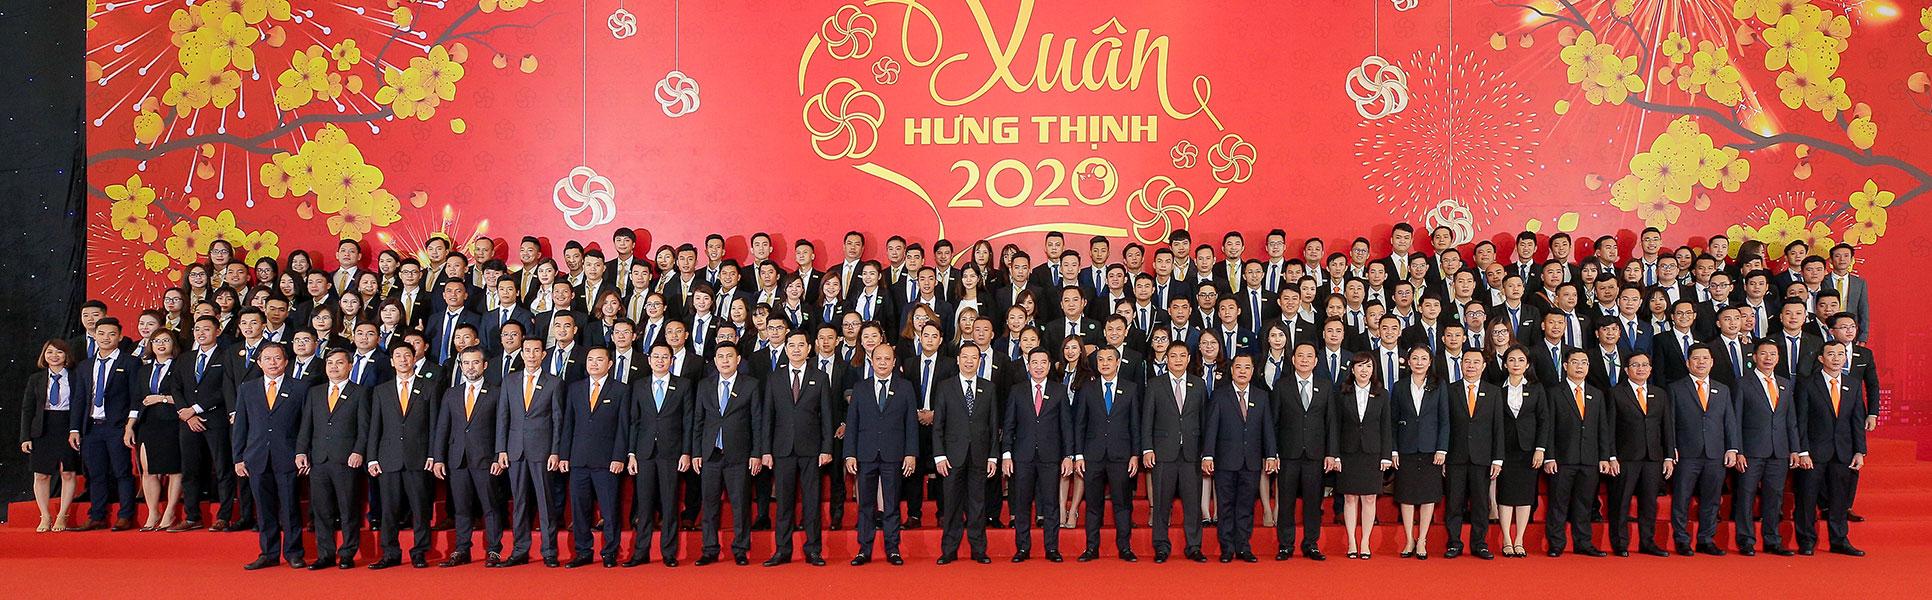 Chung-cu-hung-thinh-linh-dam